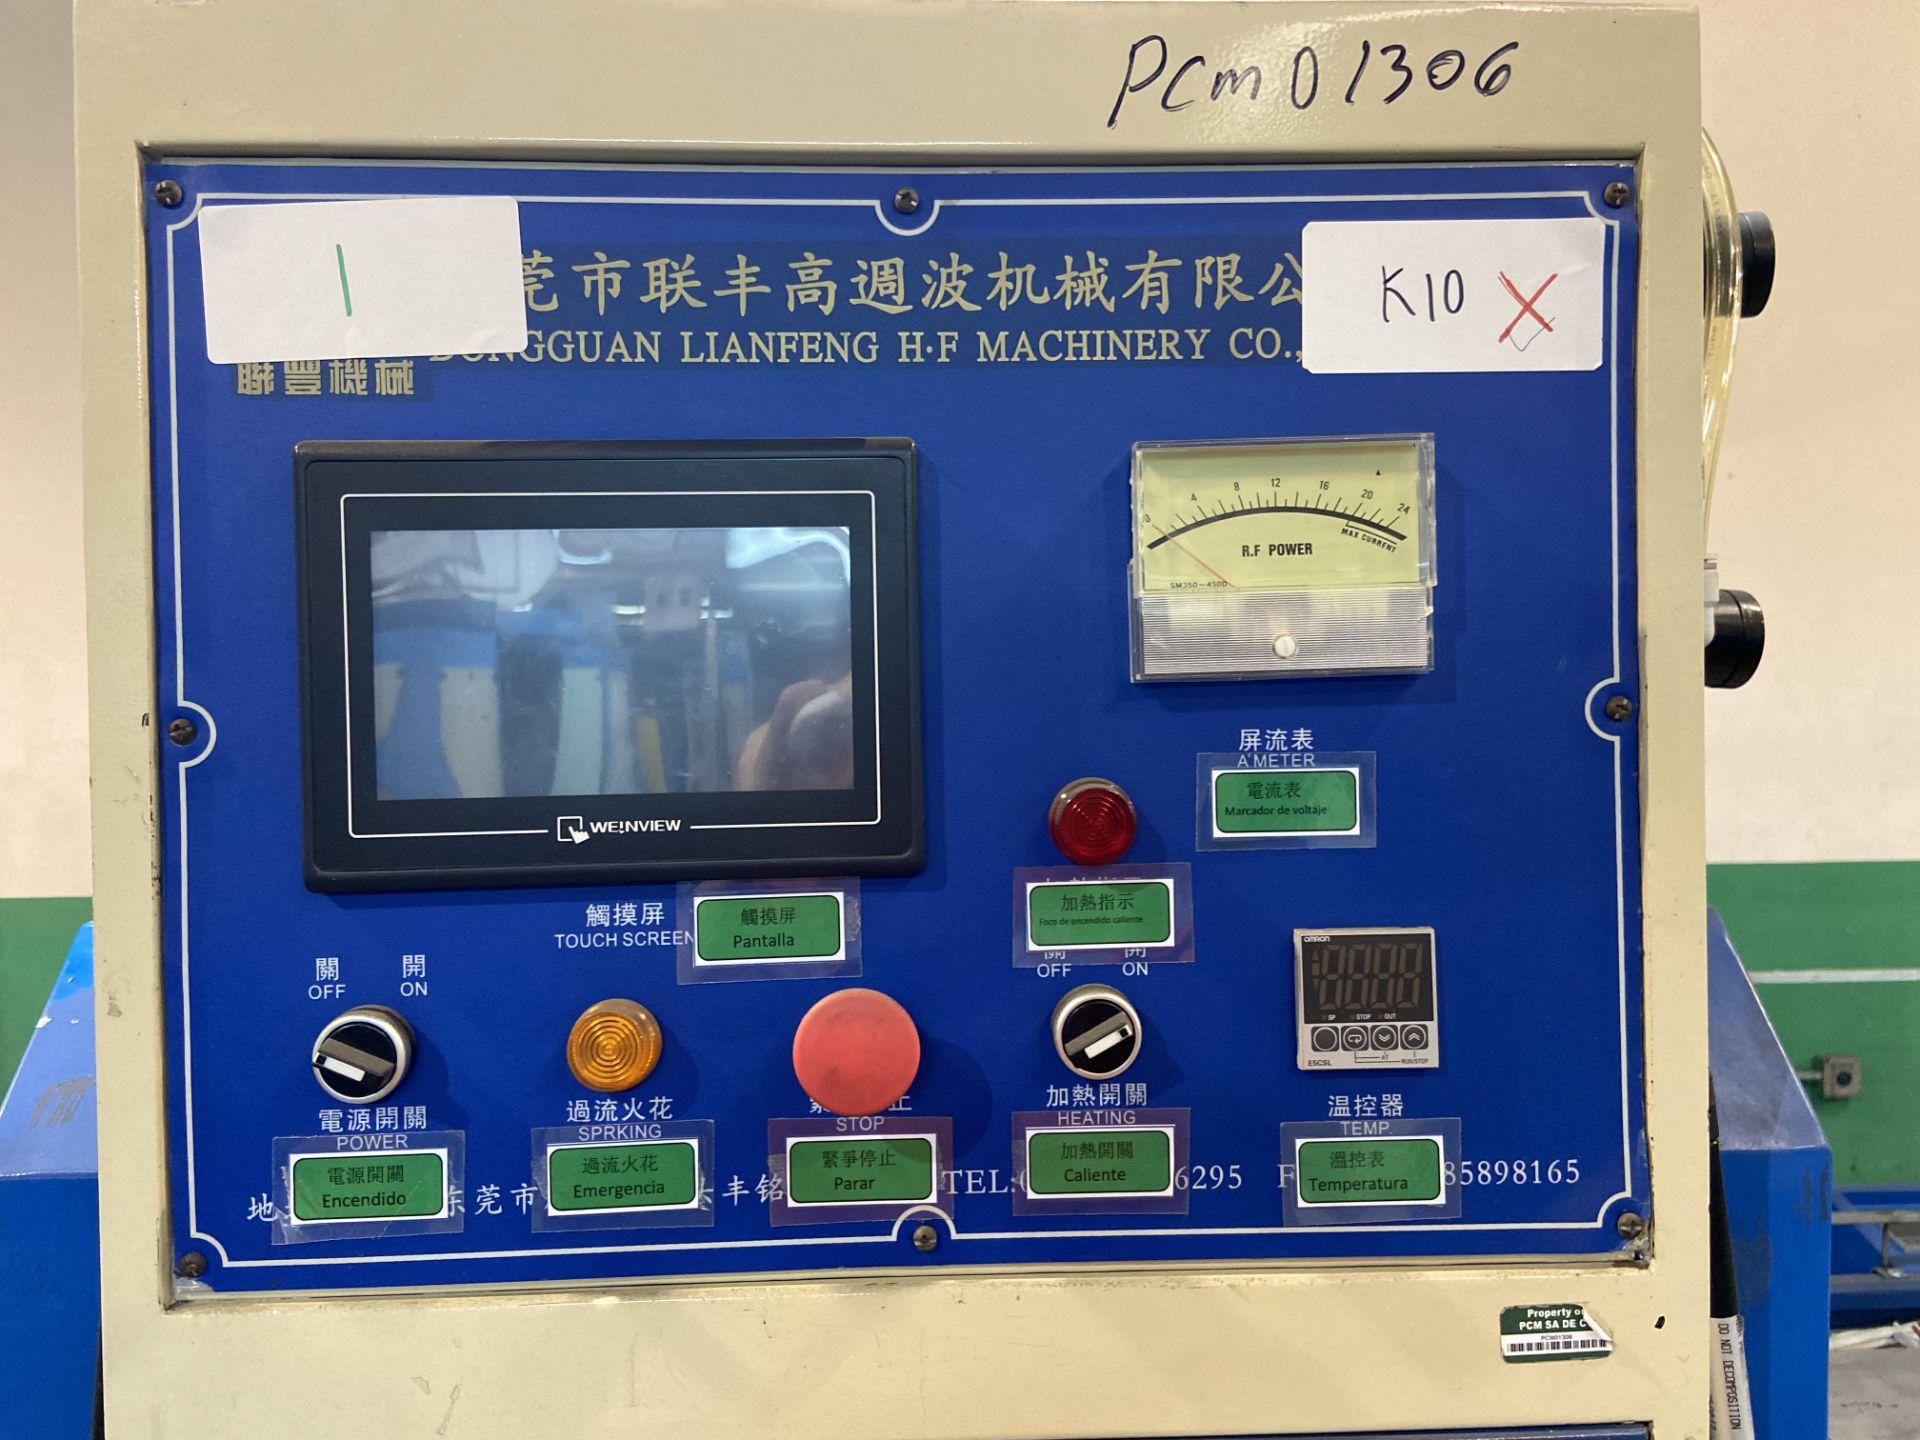 Lot 38 - Máquina de soldadura y corte de alta frecuencia marca Dong guan Lian feng, Modelo: LFRFW